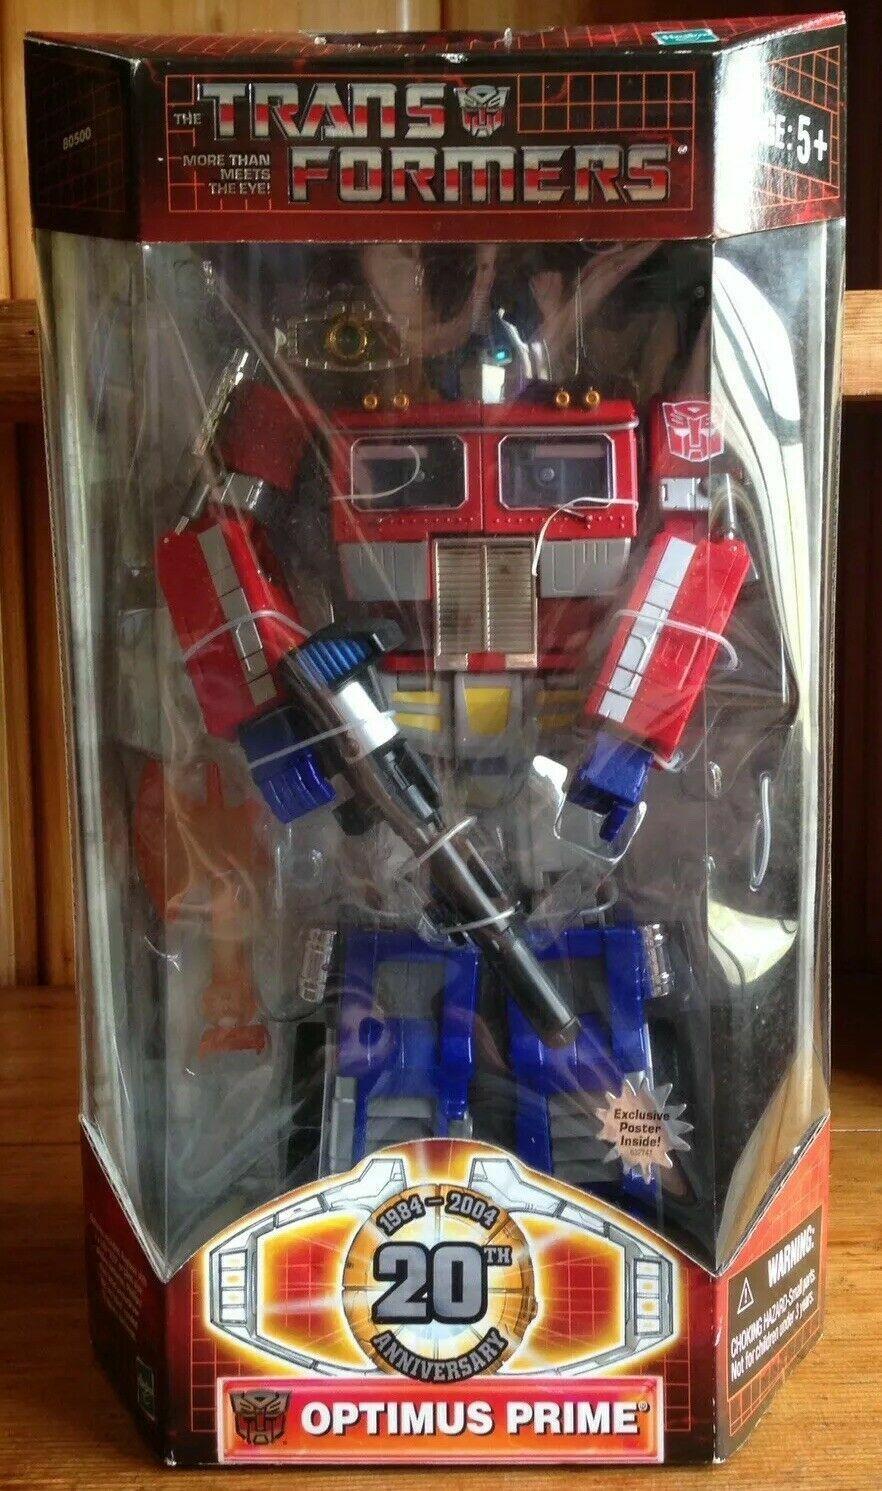 Nuevo Hasbro Transformers Masterpiece 2004 Optimus Prime 20th aniversario Menta en Caja Sellada